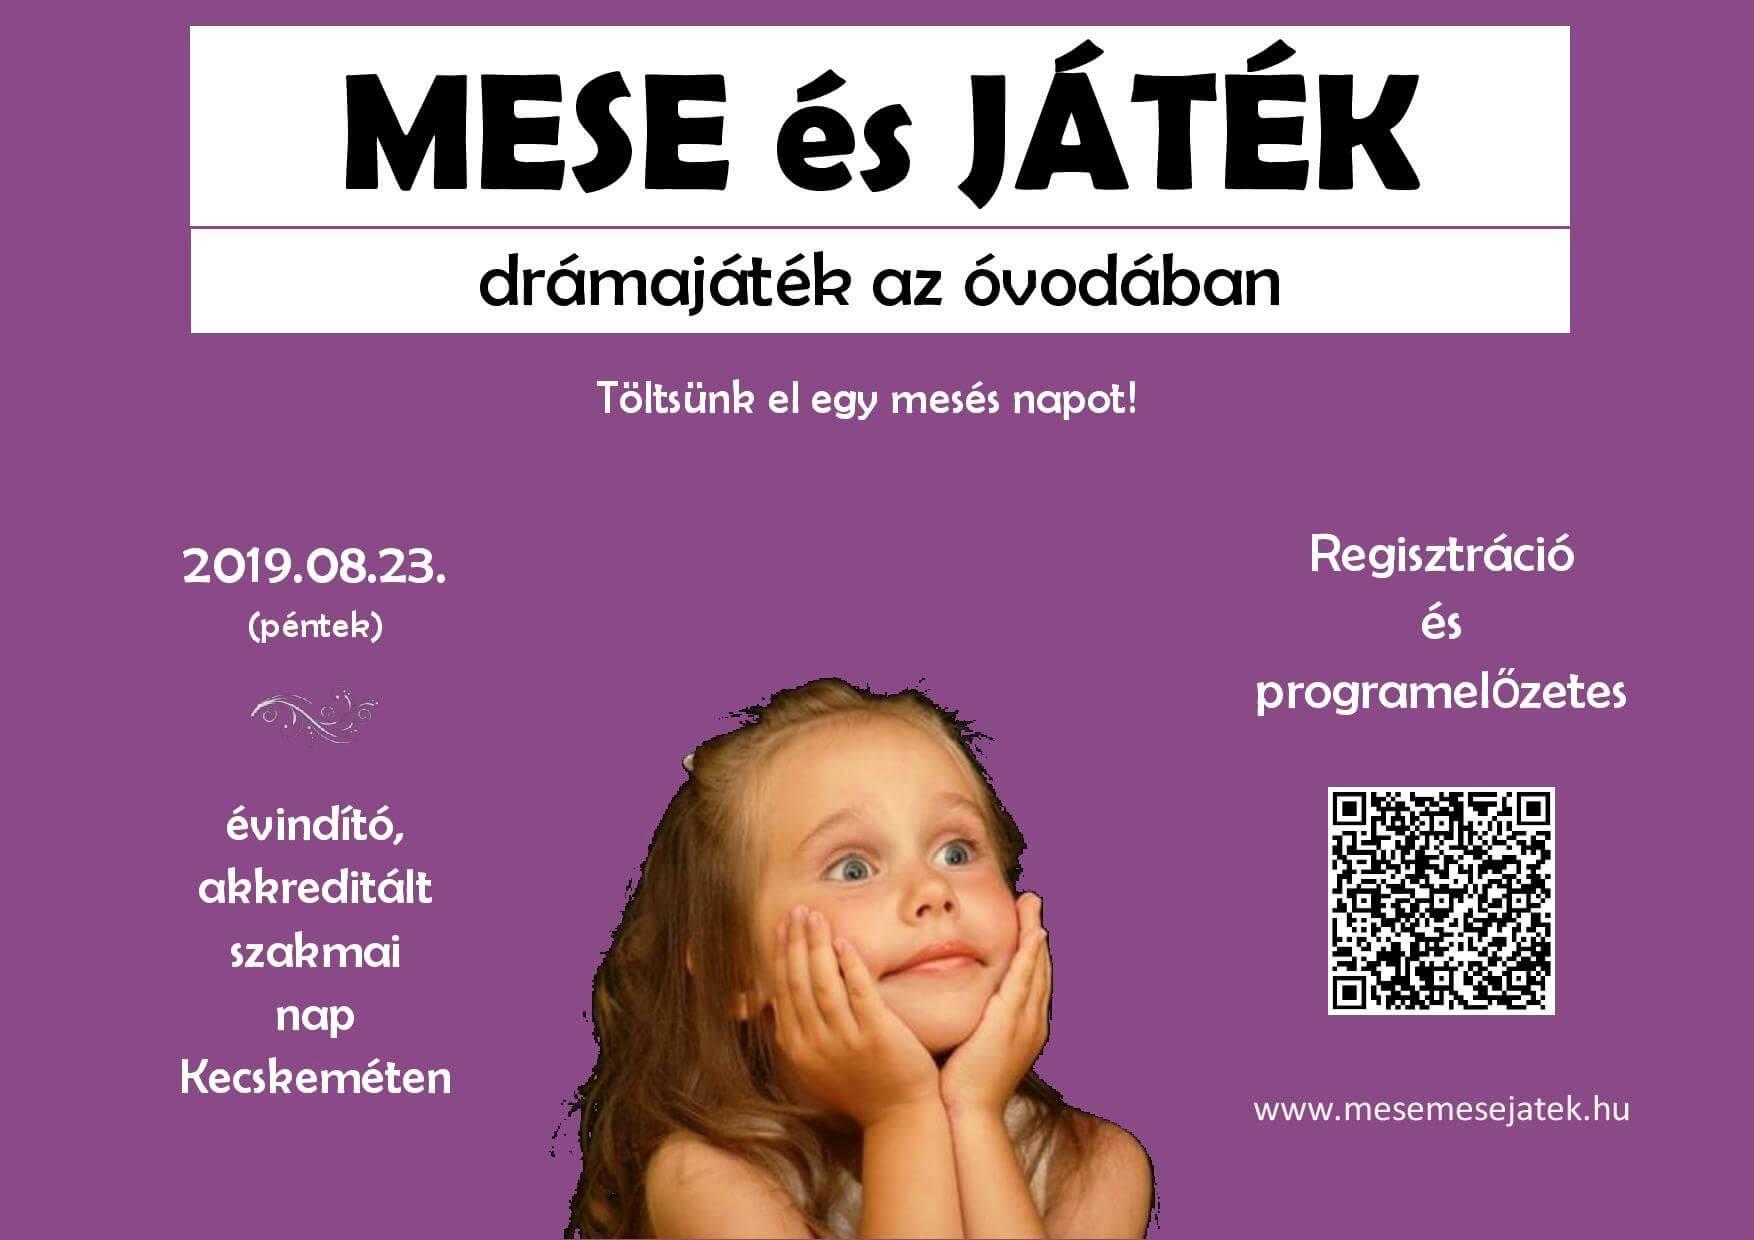 mese_es_jatek_szakmai_nap_beharangozo_plakat_tyni.jpg